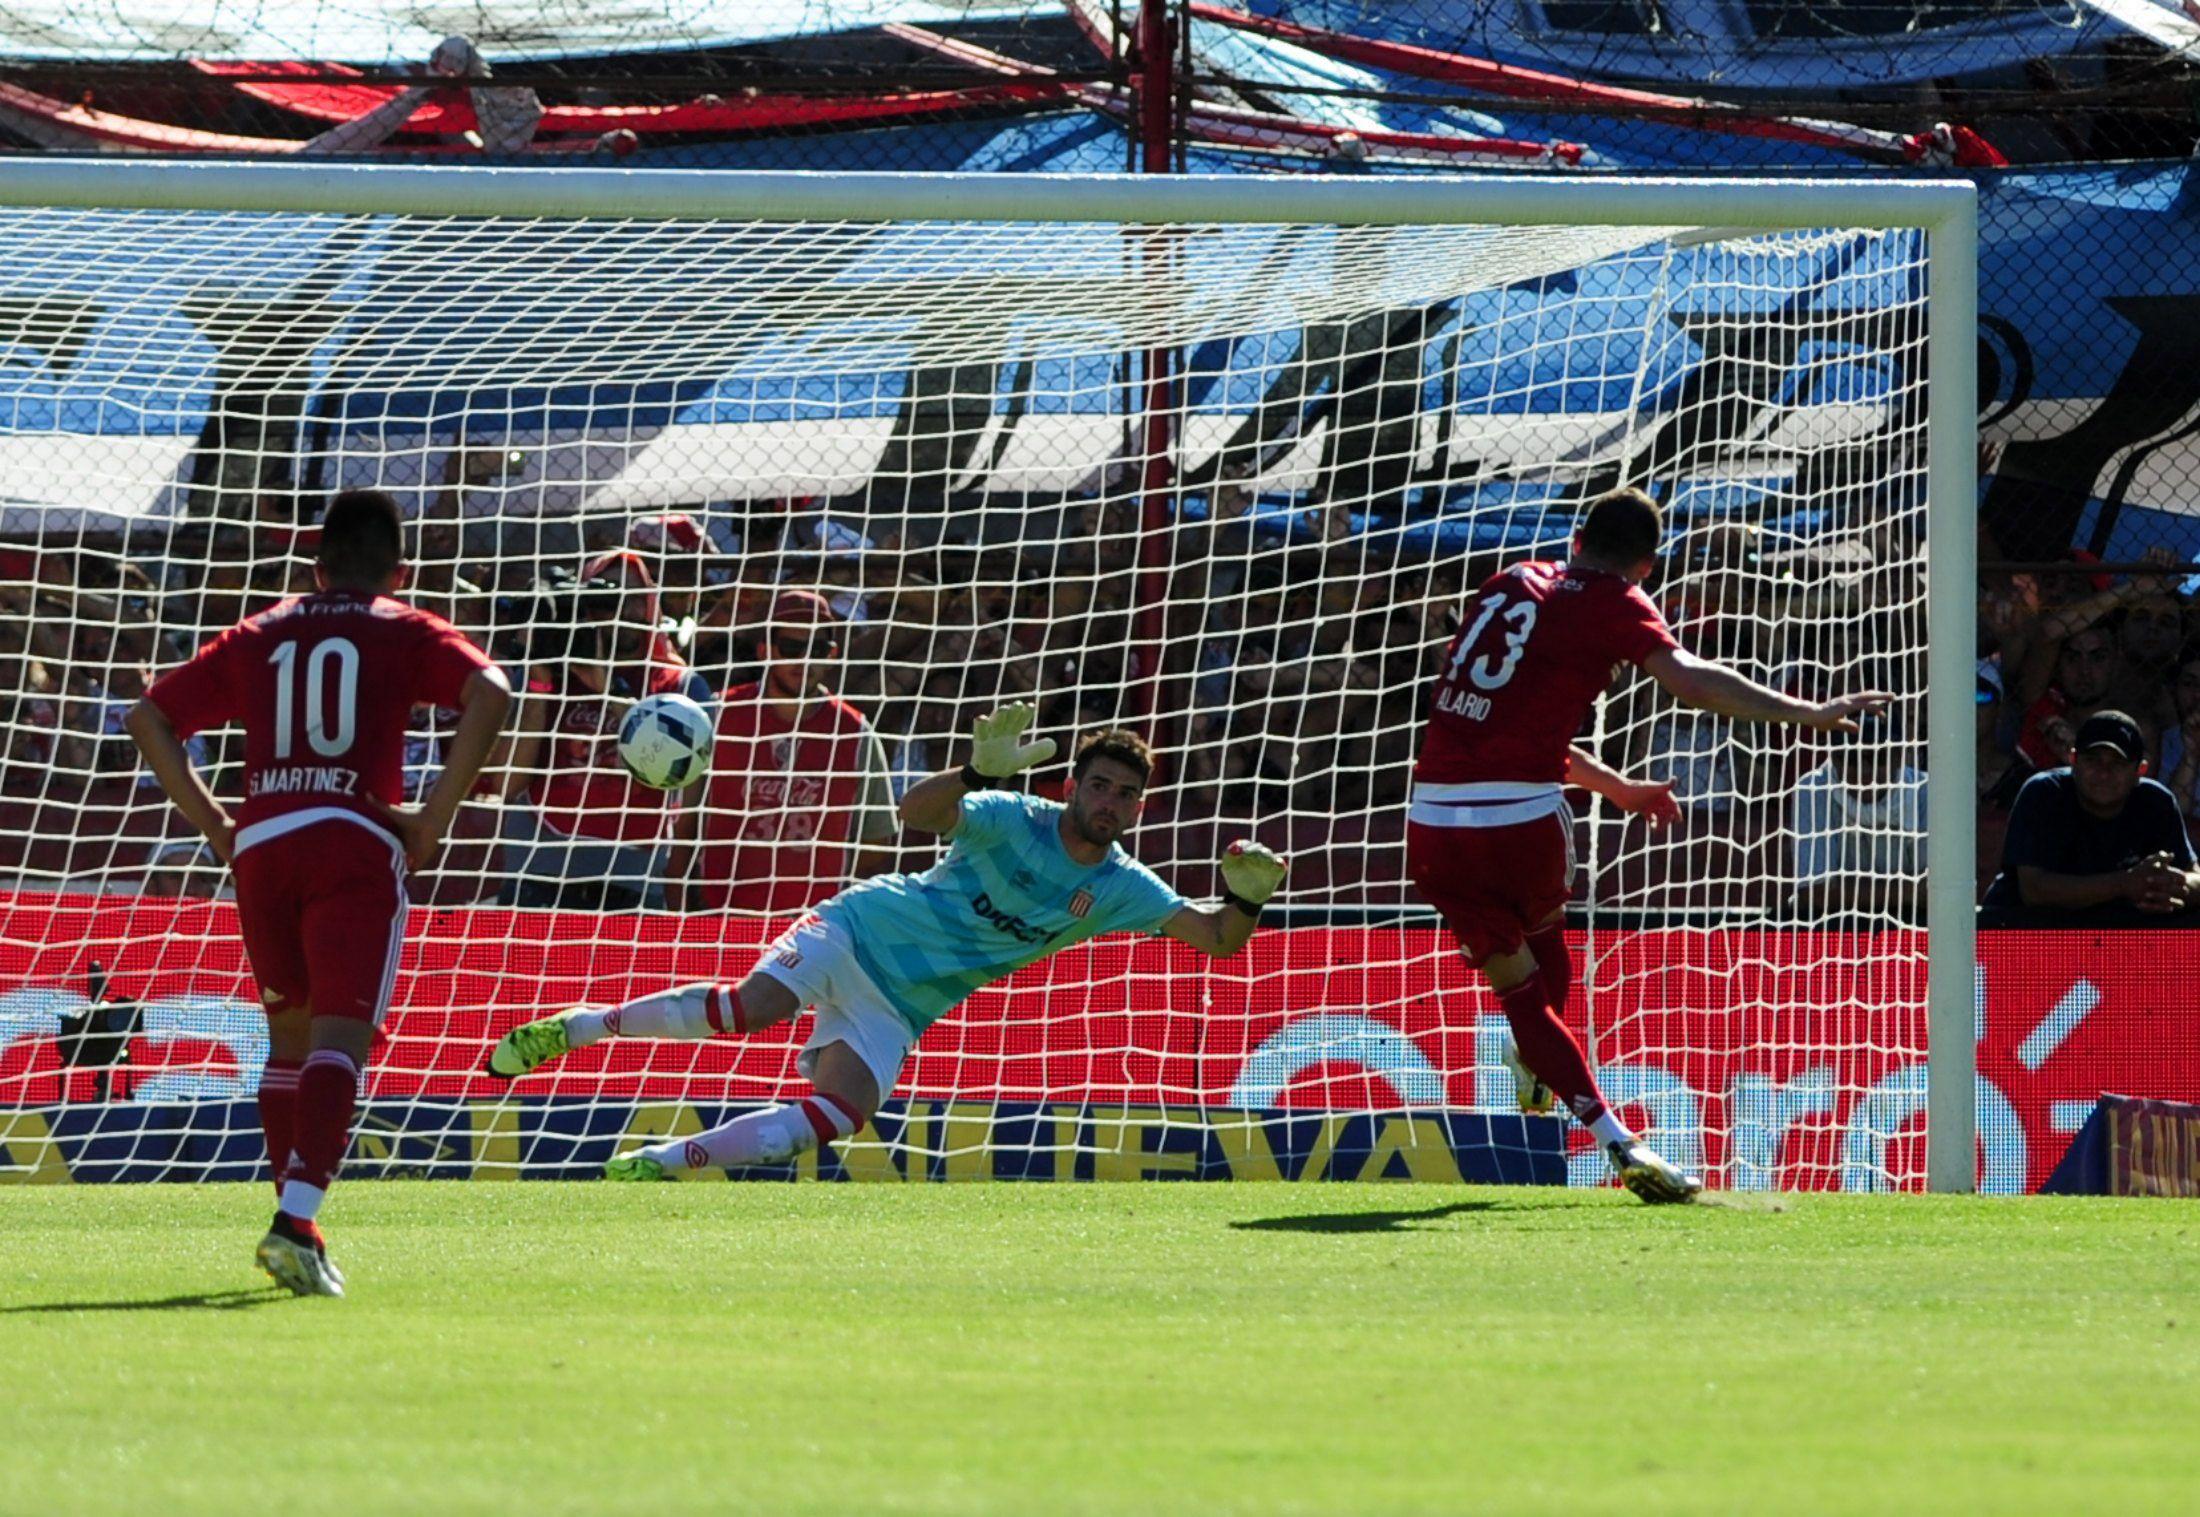 Diego Abal cobró un polémico penal de Desábato sobre Mayada en el empate entre River y Estudiantes